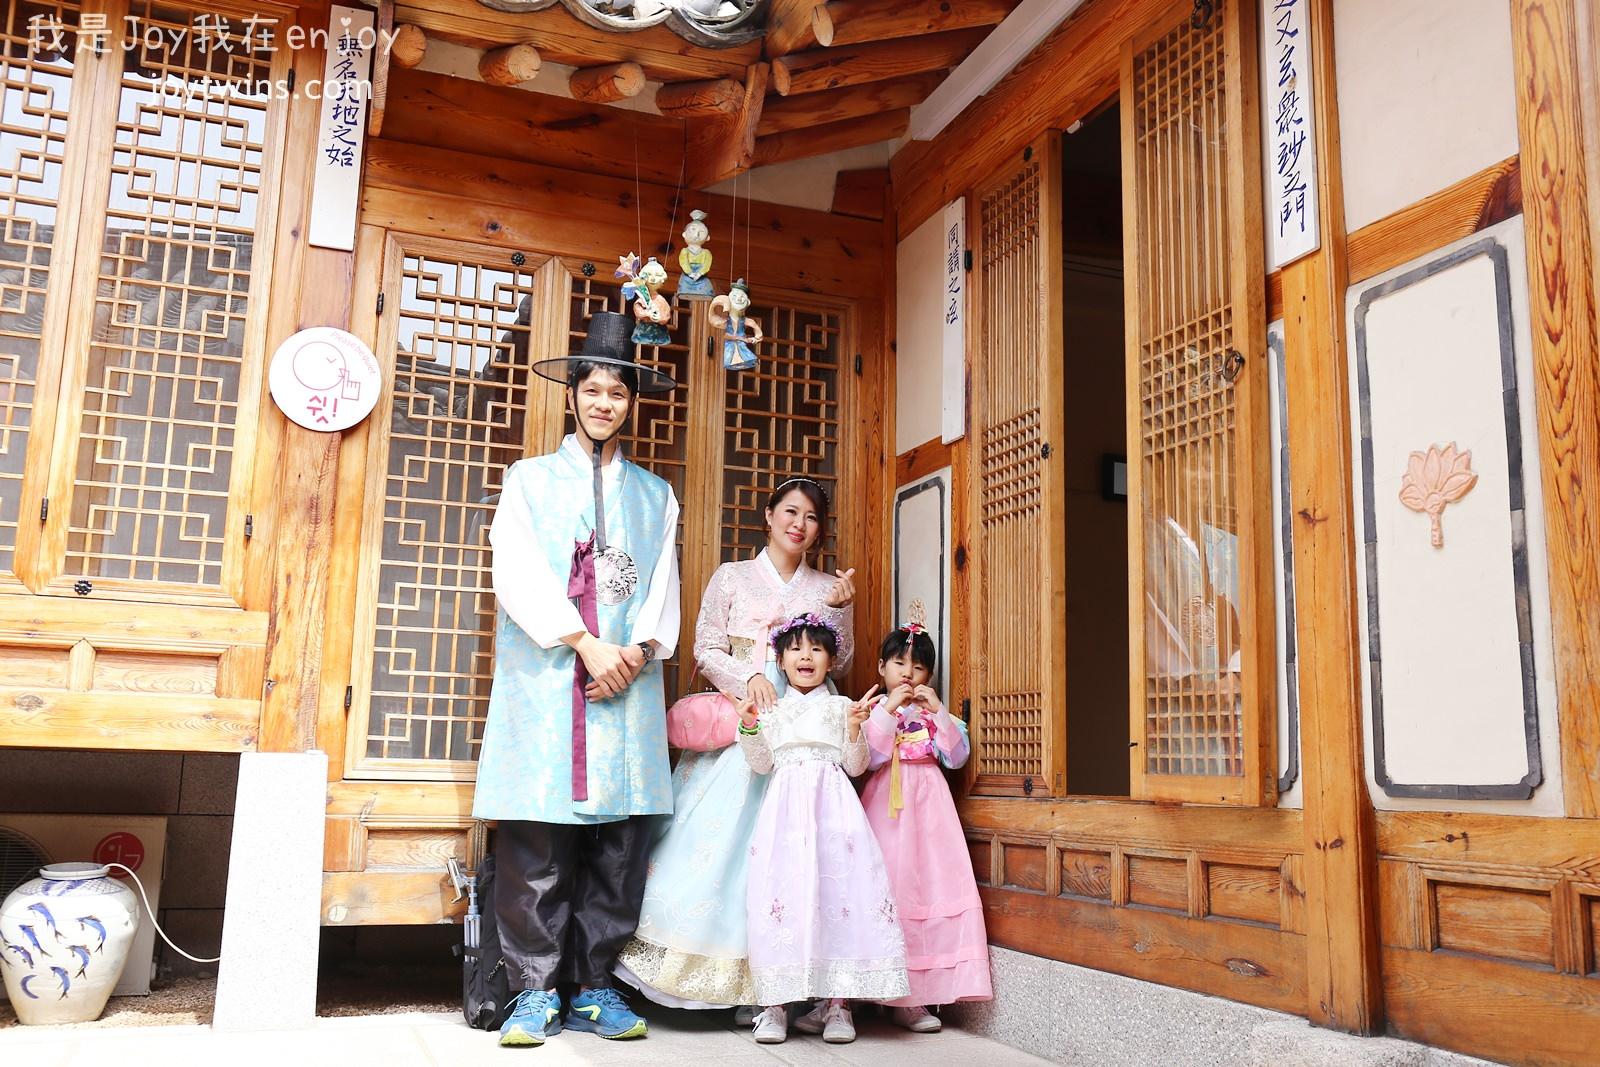 【西花韓服】韓服租借體驗來囉!景福宮 北村八景 親子一同穿越首爾吧!